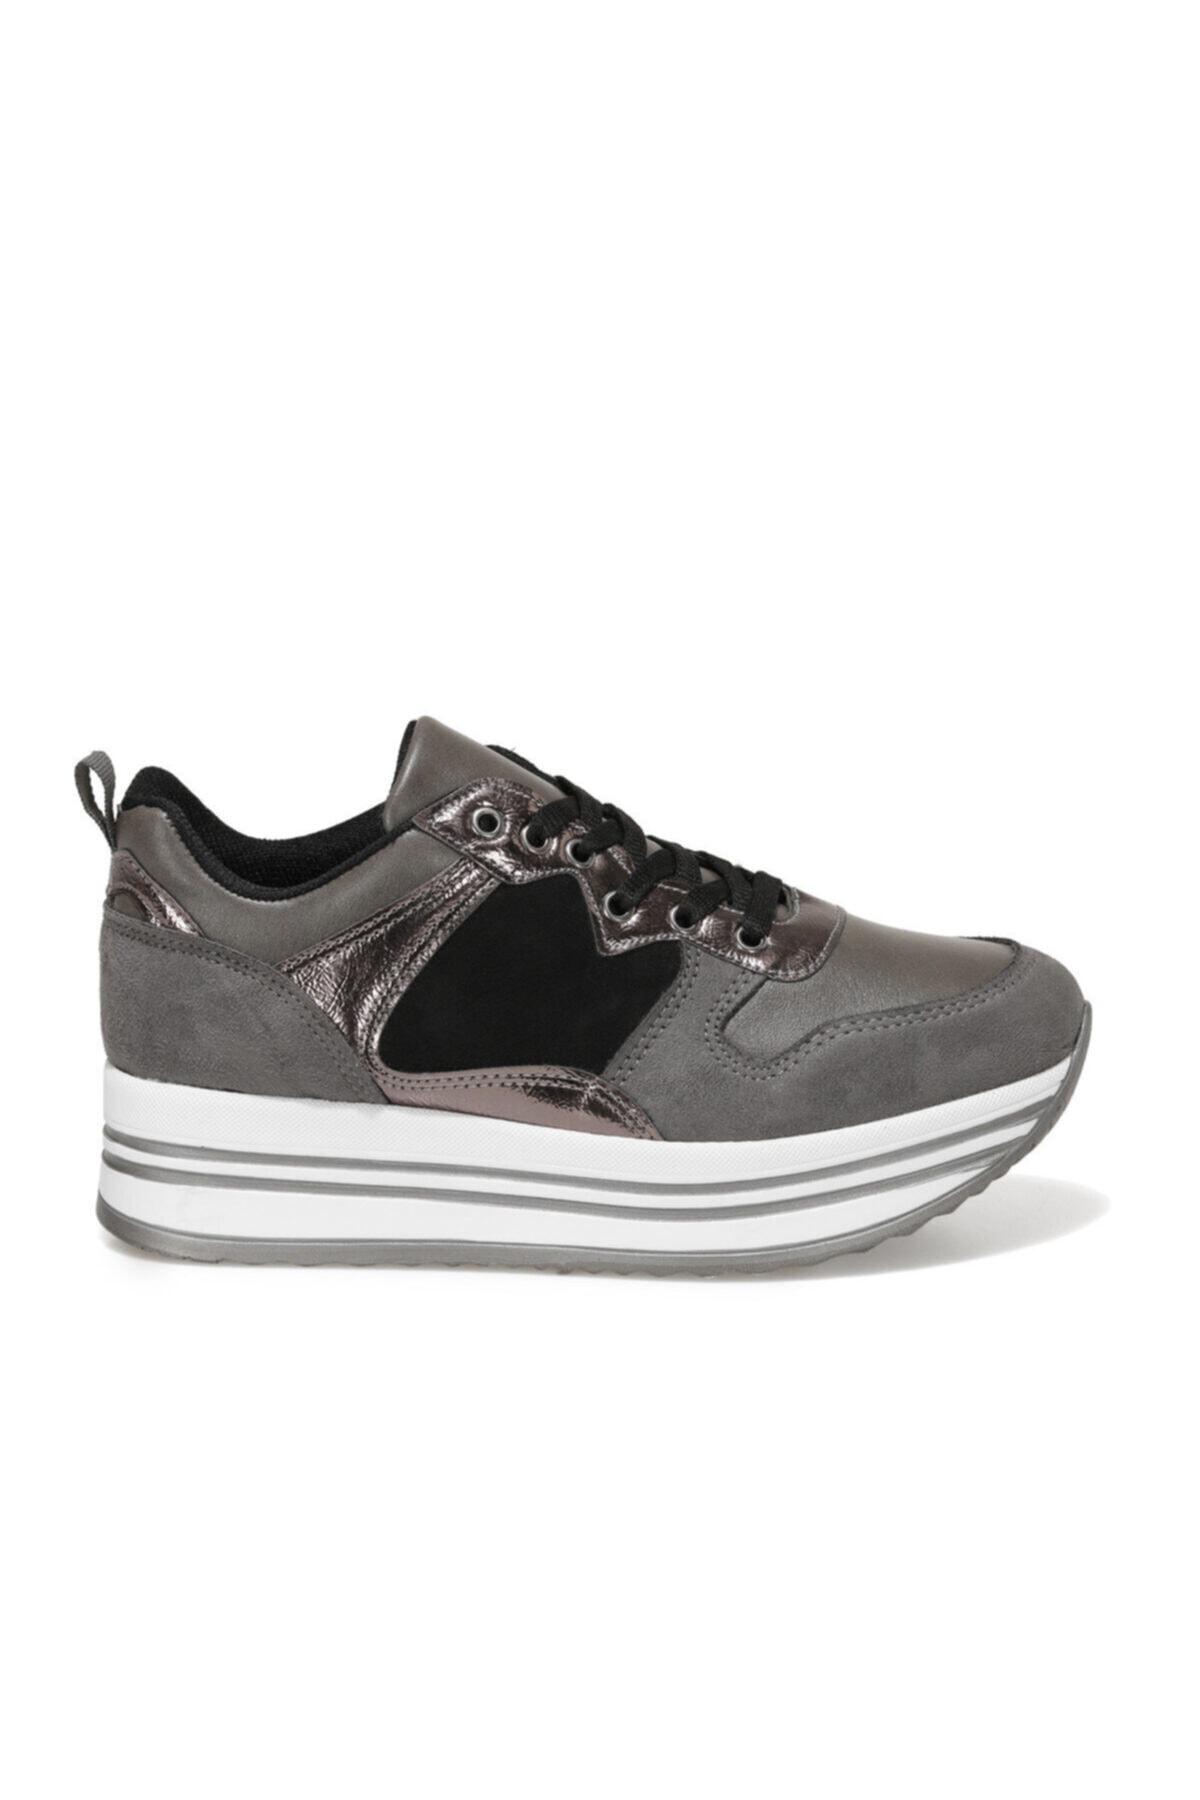 AVA 1FX Gümüş Kadın Fashion Sneaker 101052968